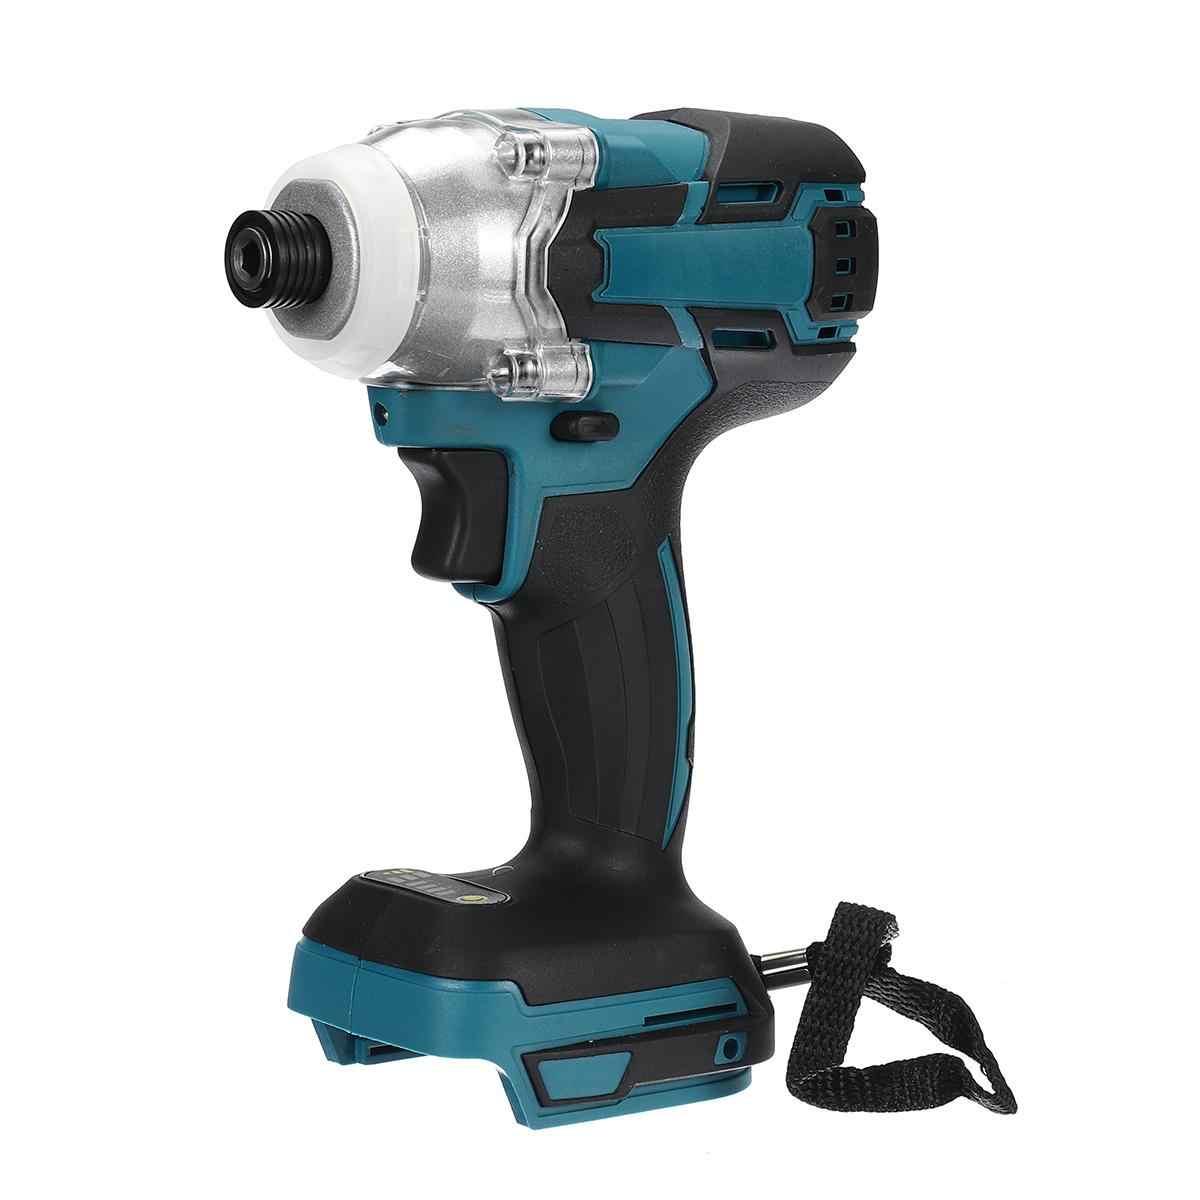 Destornillador eléctrico inalámbrico de 18 V, velocidad sin escobillas, llave de impacto, taladro recargable, luz LED para batería Makita